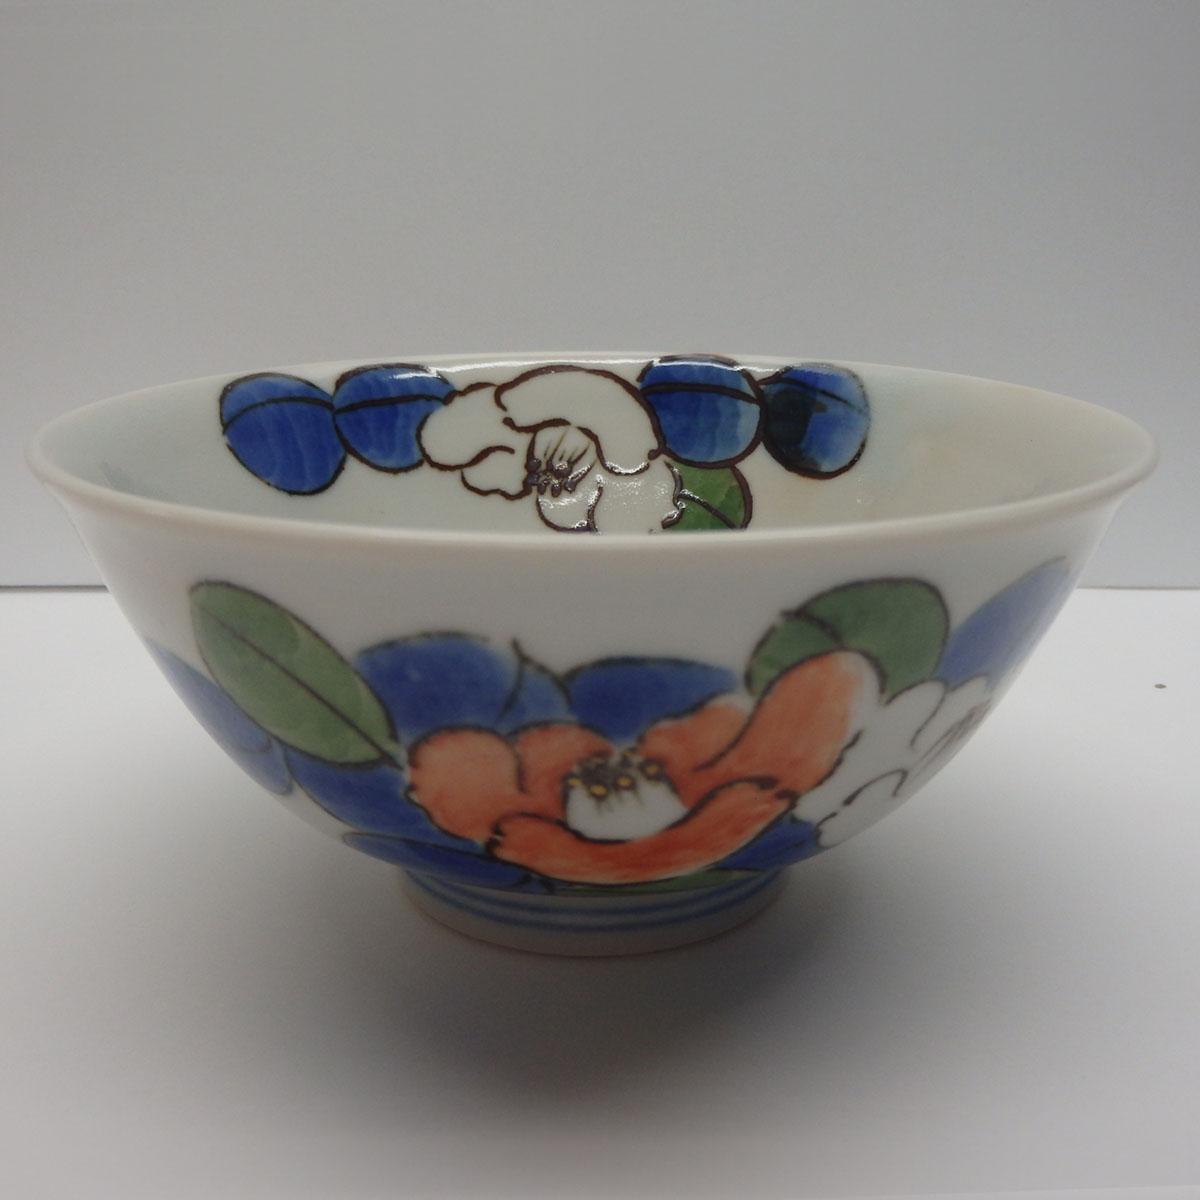 【ふるさと納税】会津本郷焼 茶碗(1客)400年の歴史を誇る伝統工芸品